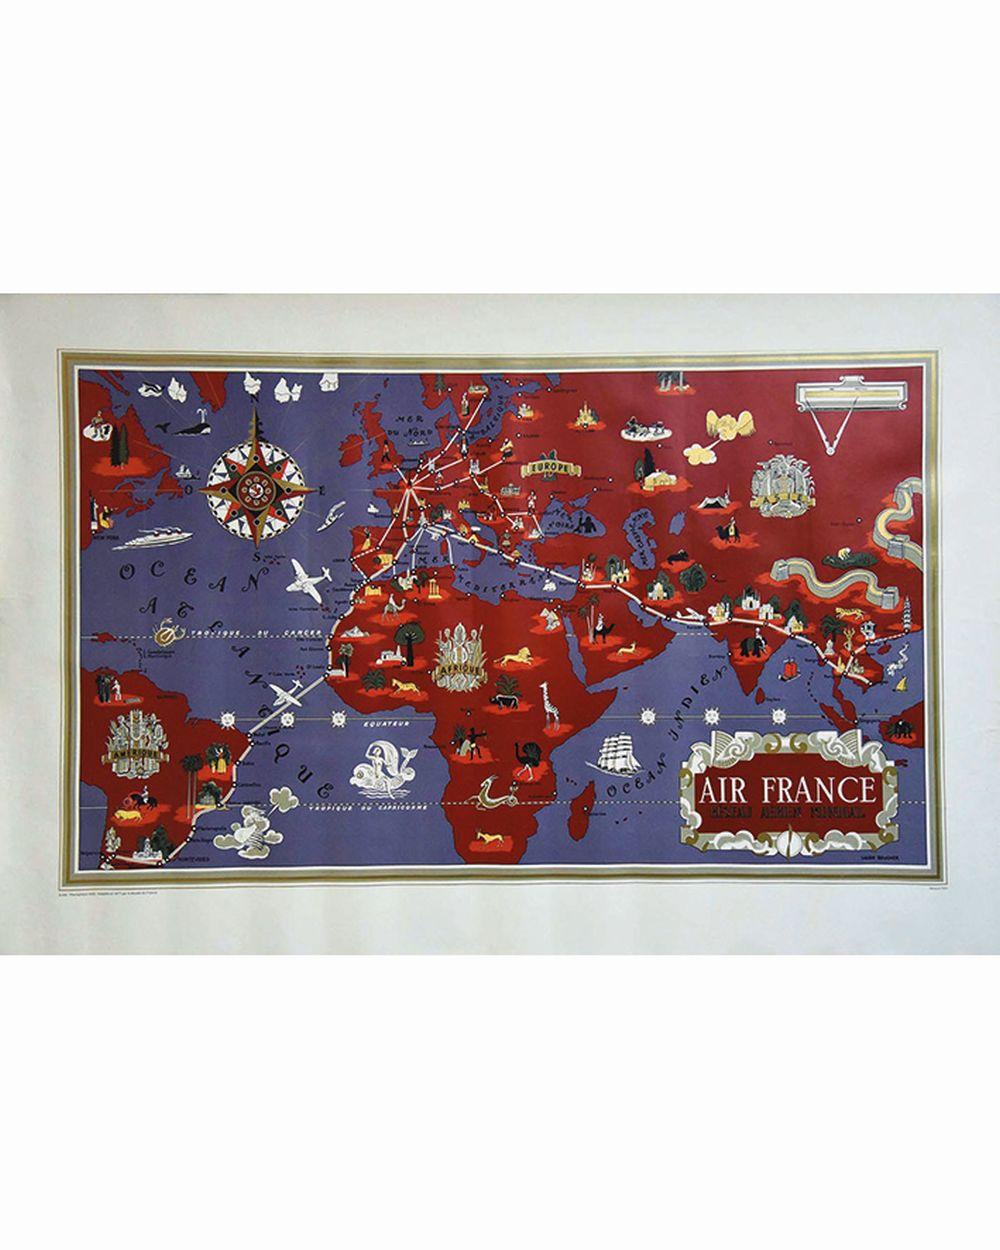 BOUCHER LUCIEN - Air France Planisphére Réseau Aérien Mondial Tirage du Musée Air France     1977